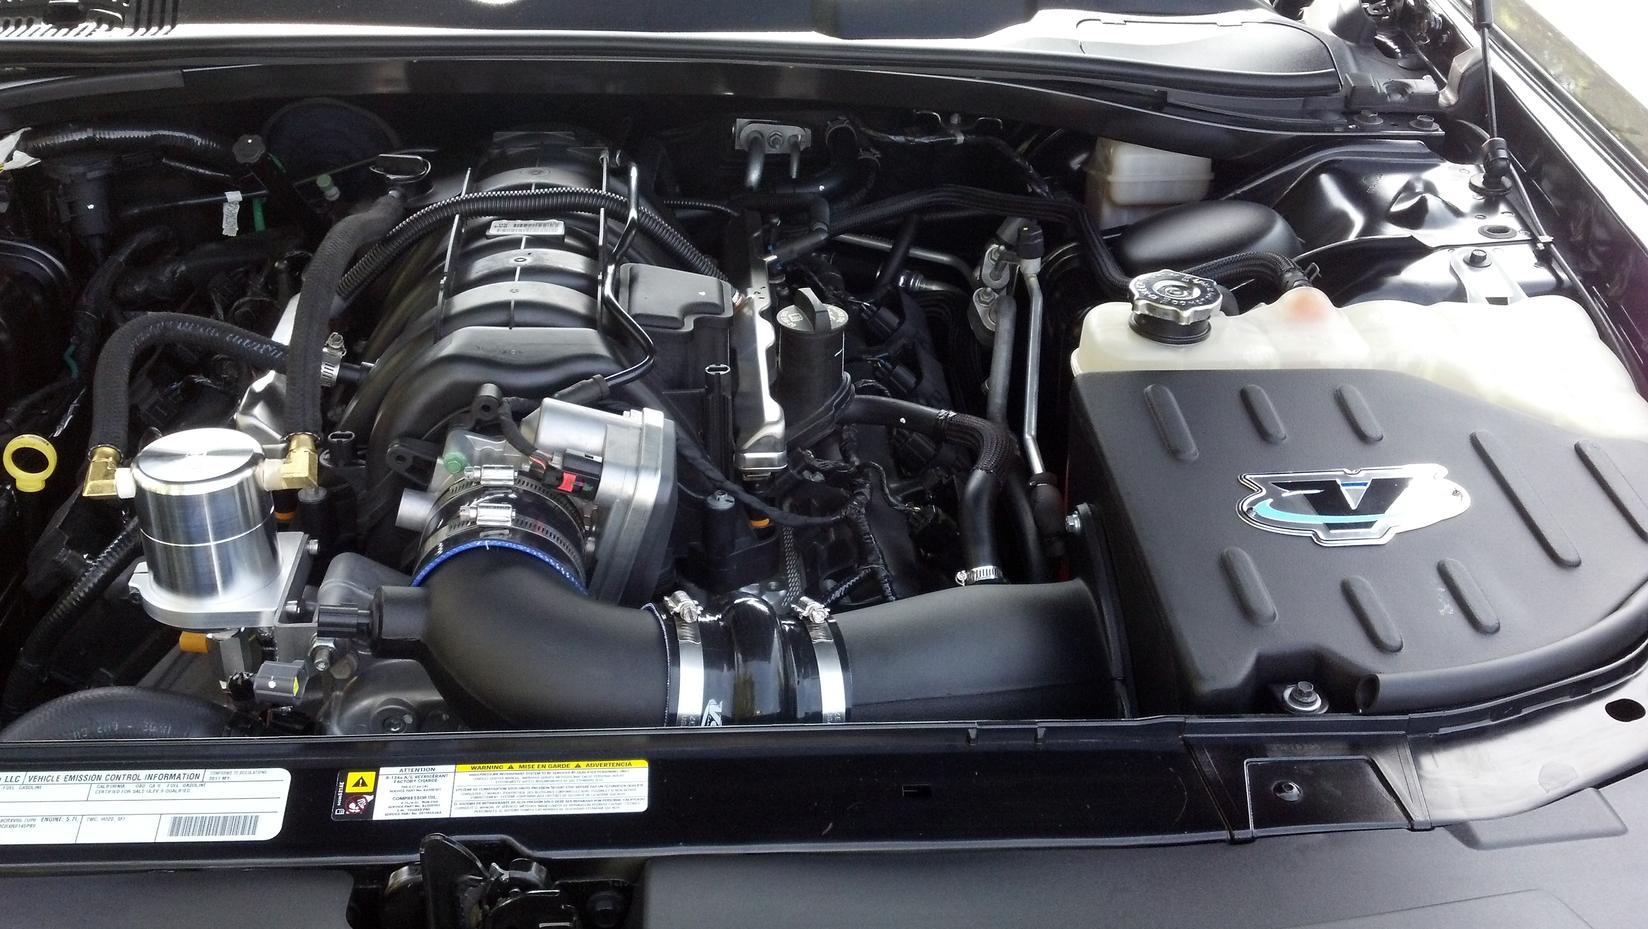 Volant CAI (pics/install/review) Part#162576-volant-cai-2.jpg